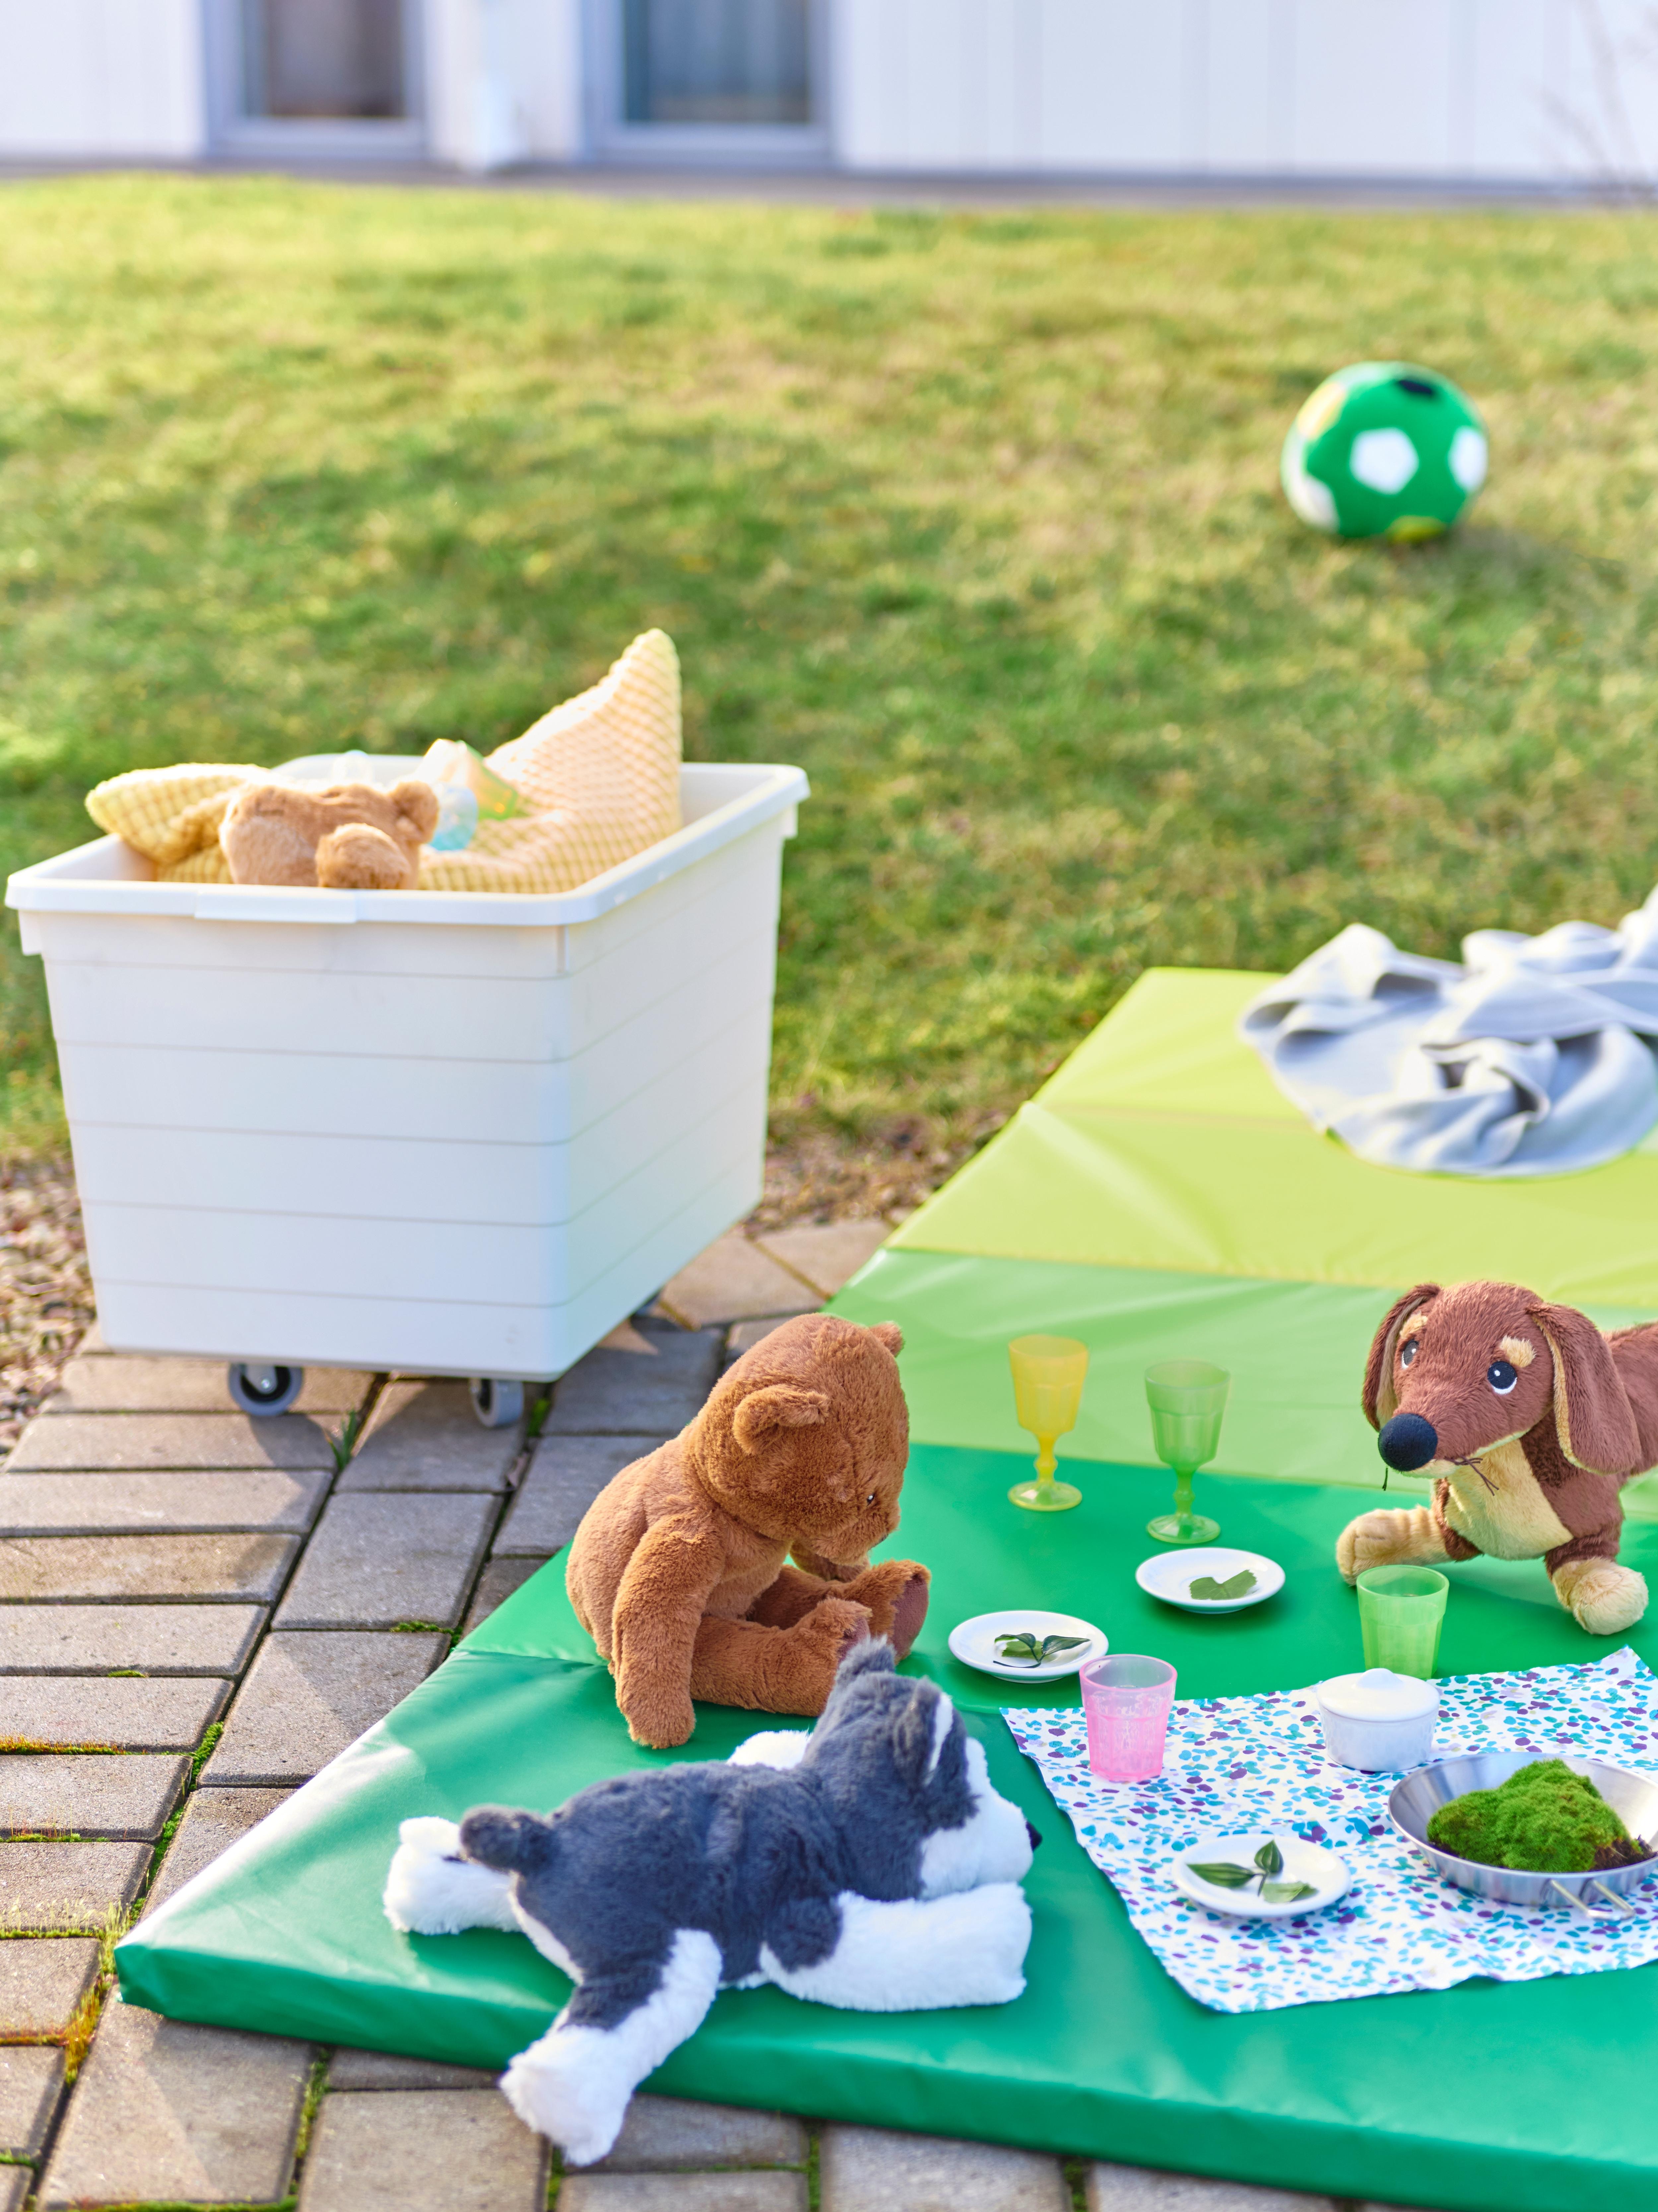 Degli animali di stoffa stanno mangiando su un tappetino da ginnastica pieghevole PLUFSIG verde disteso su dei mattoncini vicino a una scatola di giochi e dell'erba.